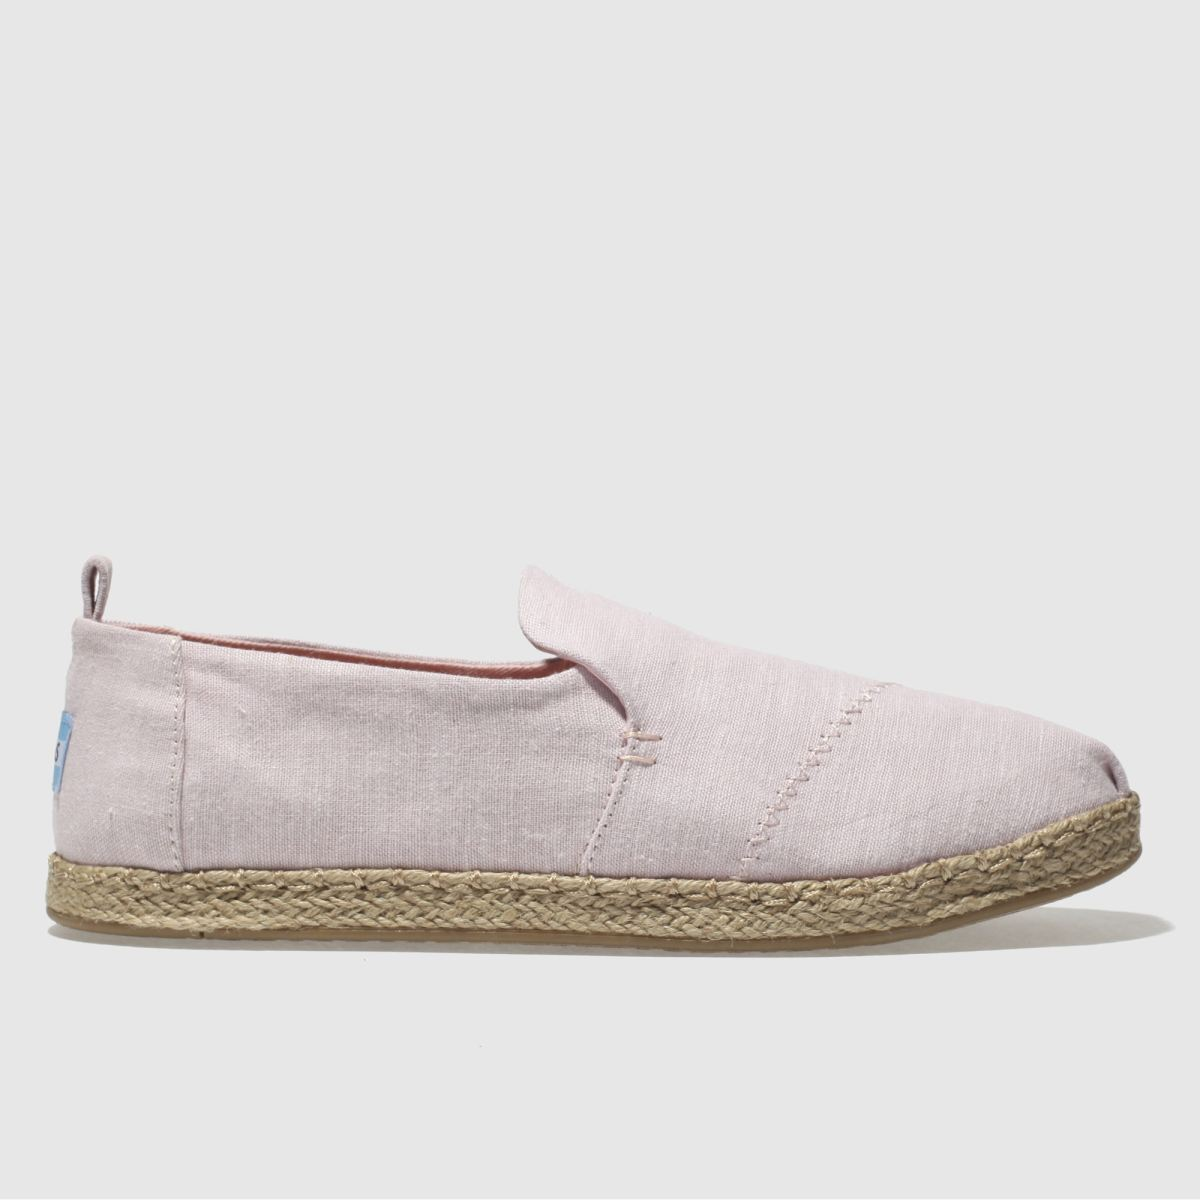 Toms Pale Pink Deconstructed Alpargata Flat Shoes